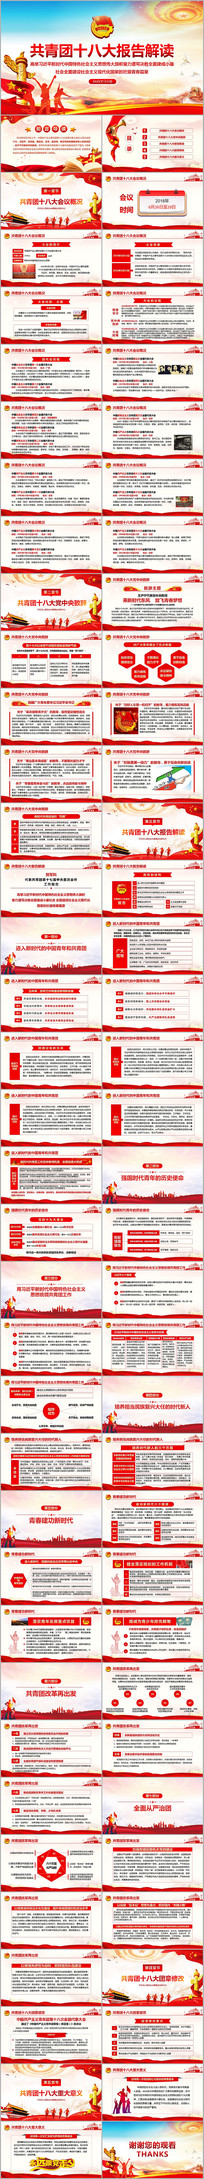 共青团十八大报告学习解读PPT